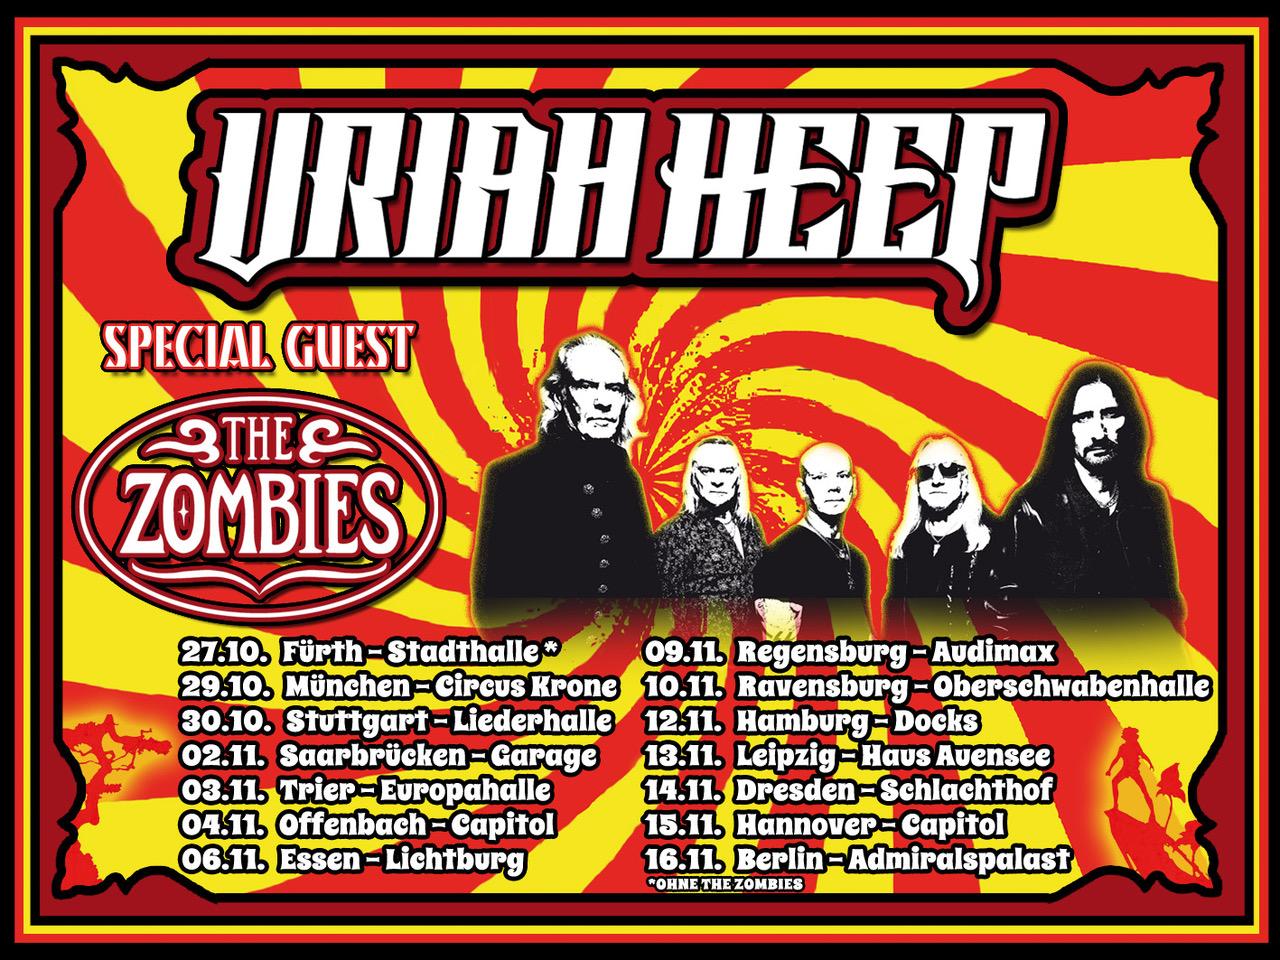 URIAH HEEP - Page 2 Germantourposter